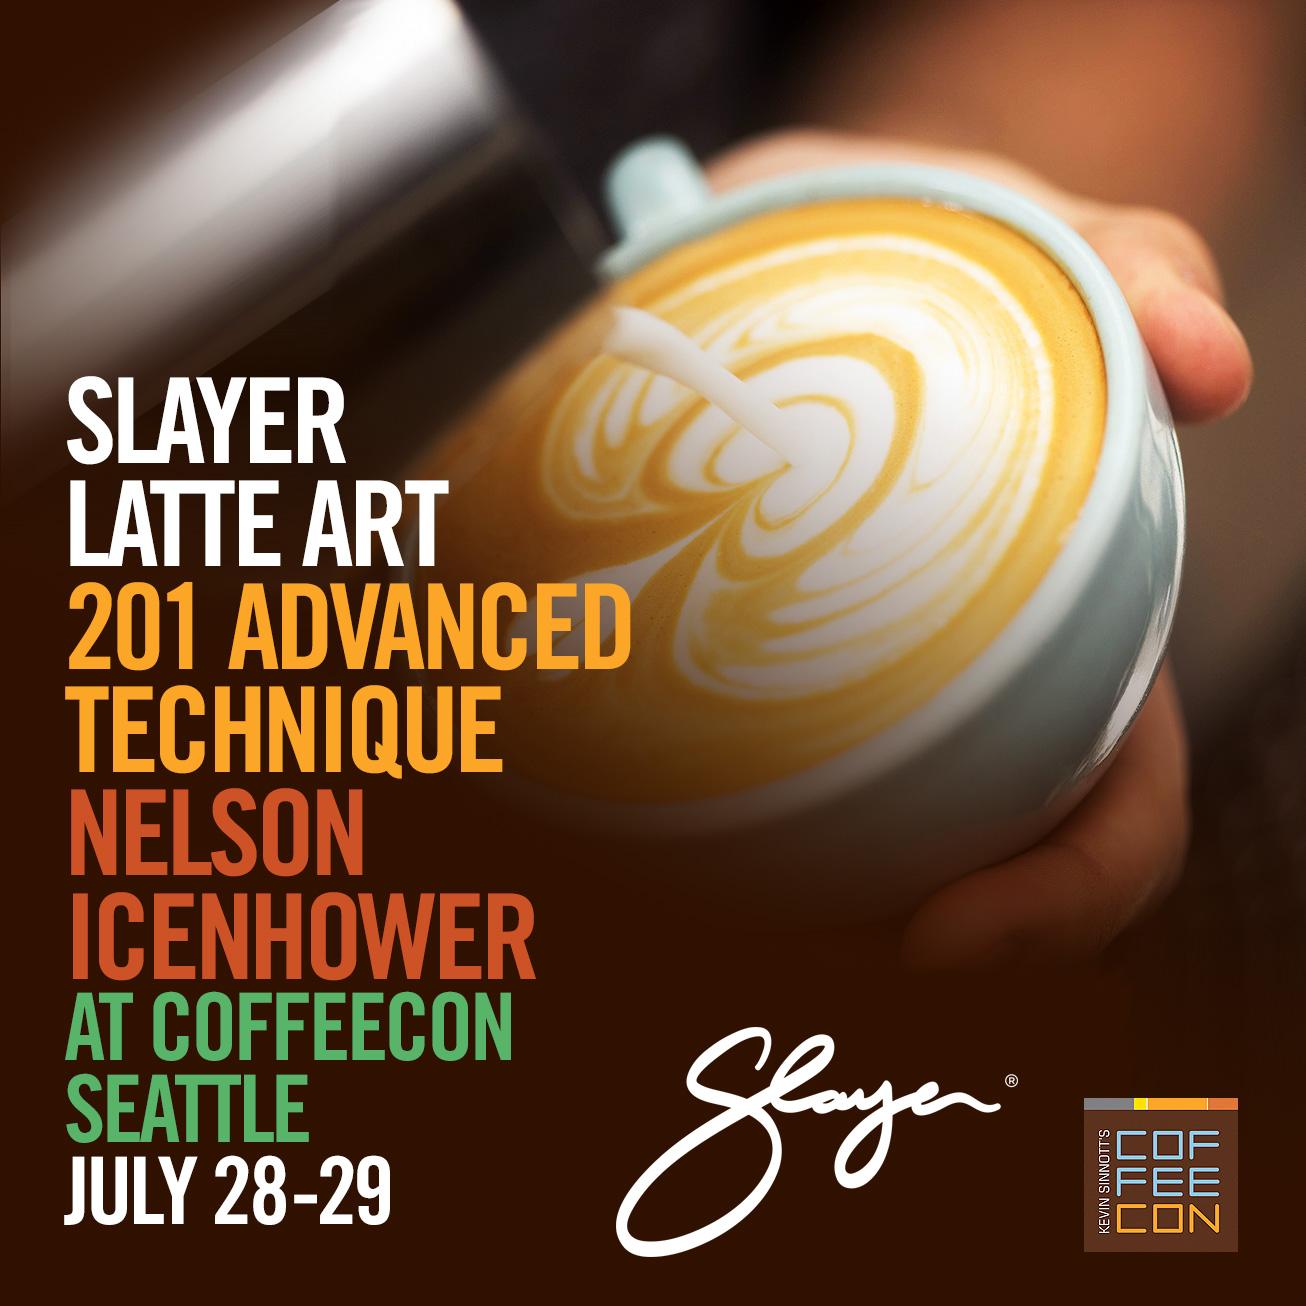 Slayer Latte Art 201 Advanced Technique